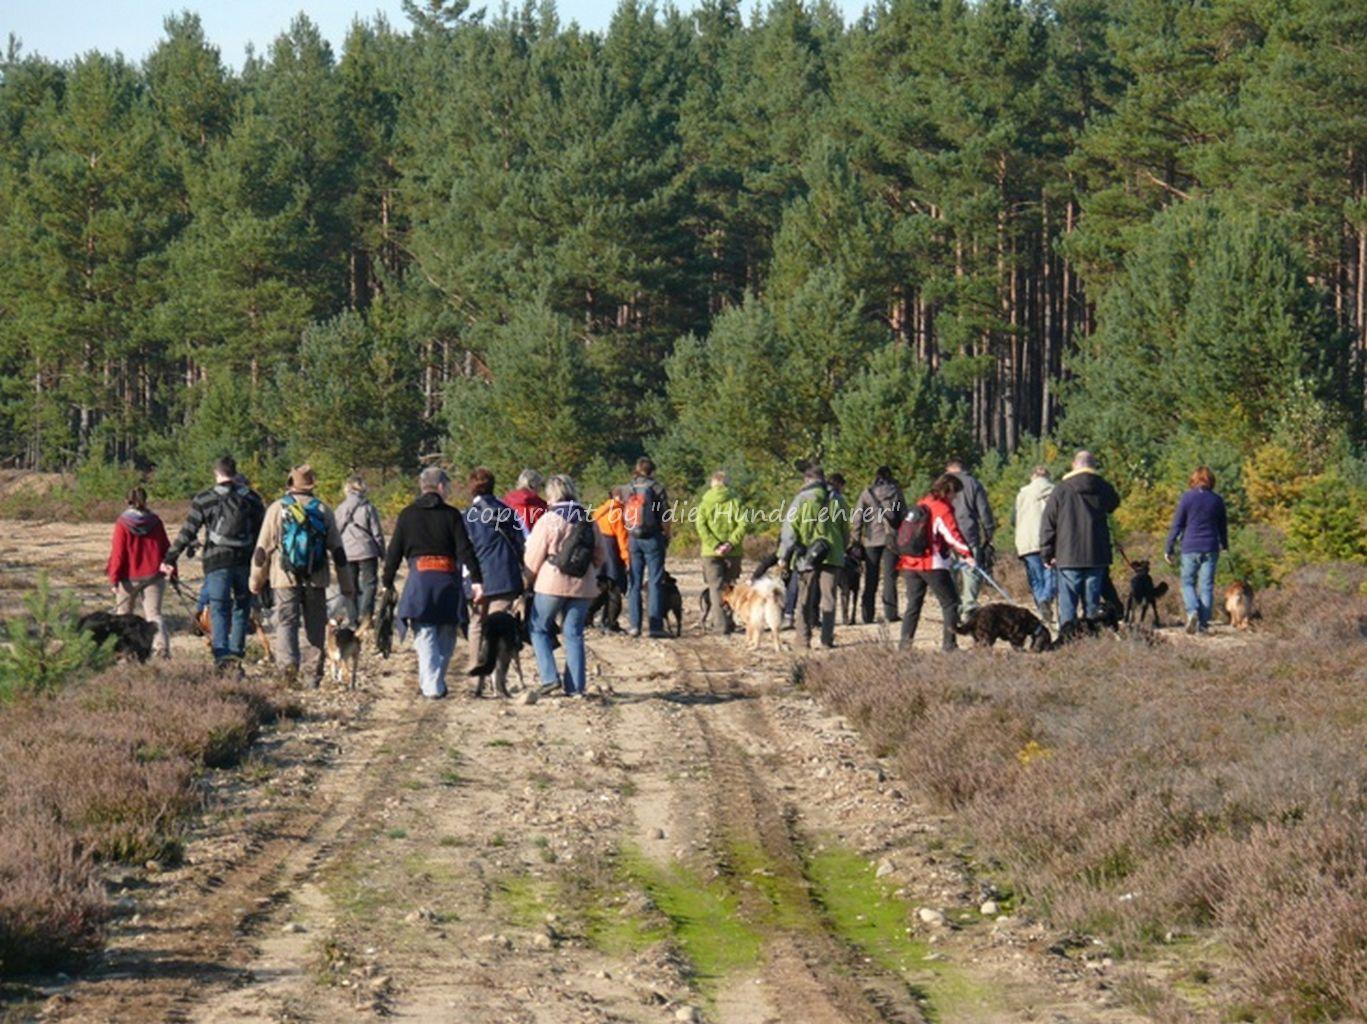 Hundewanderung durch ein Waldgebiet